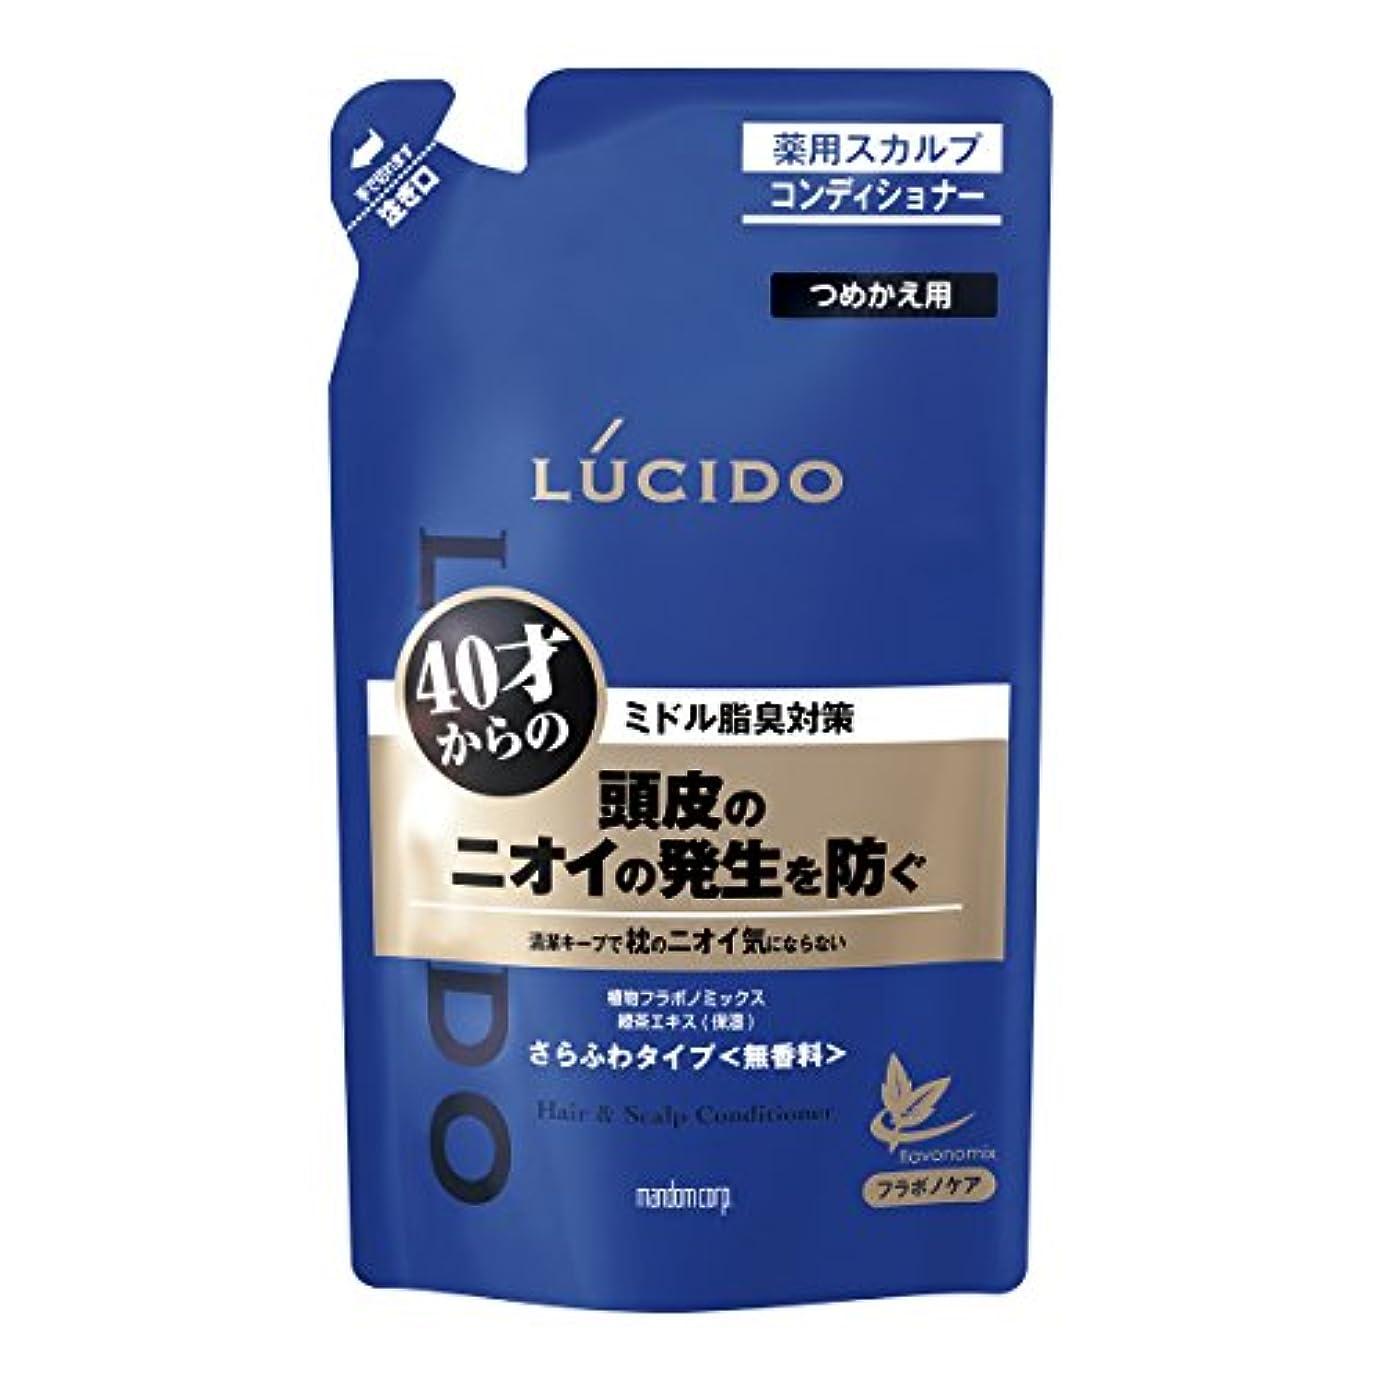 分泌するバーベキューセントルシード 薬用ヘア&スカルプコンディショナー つめかえ用 380g(医薬部外品)